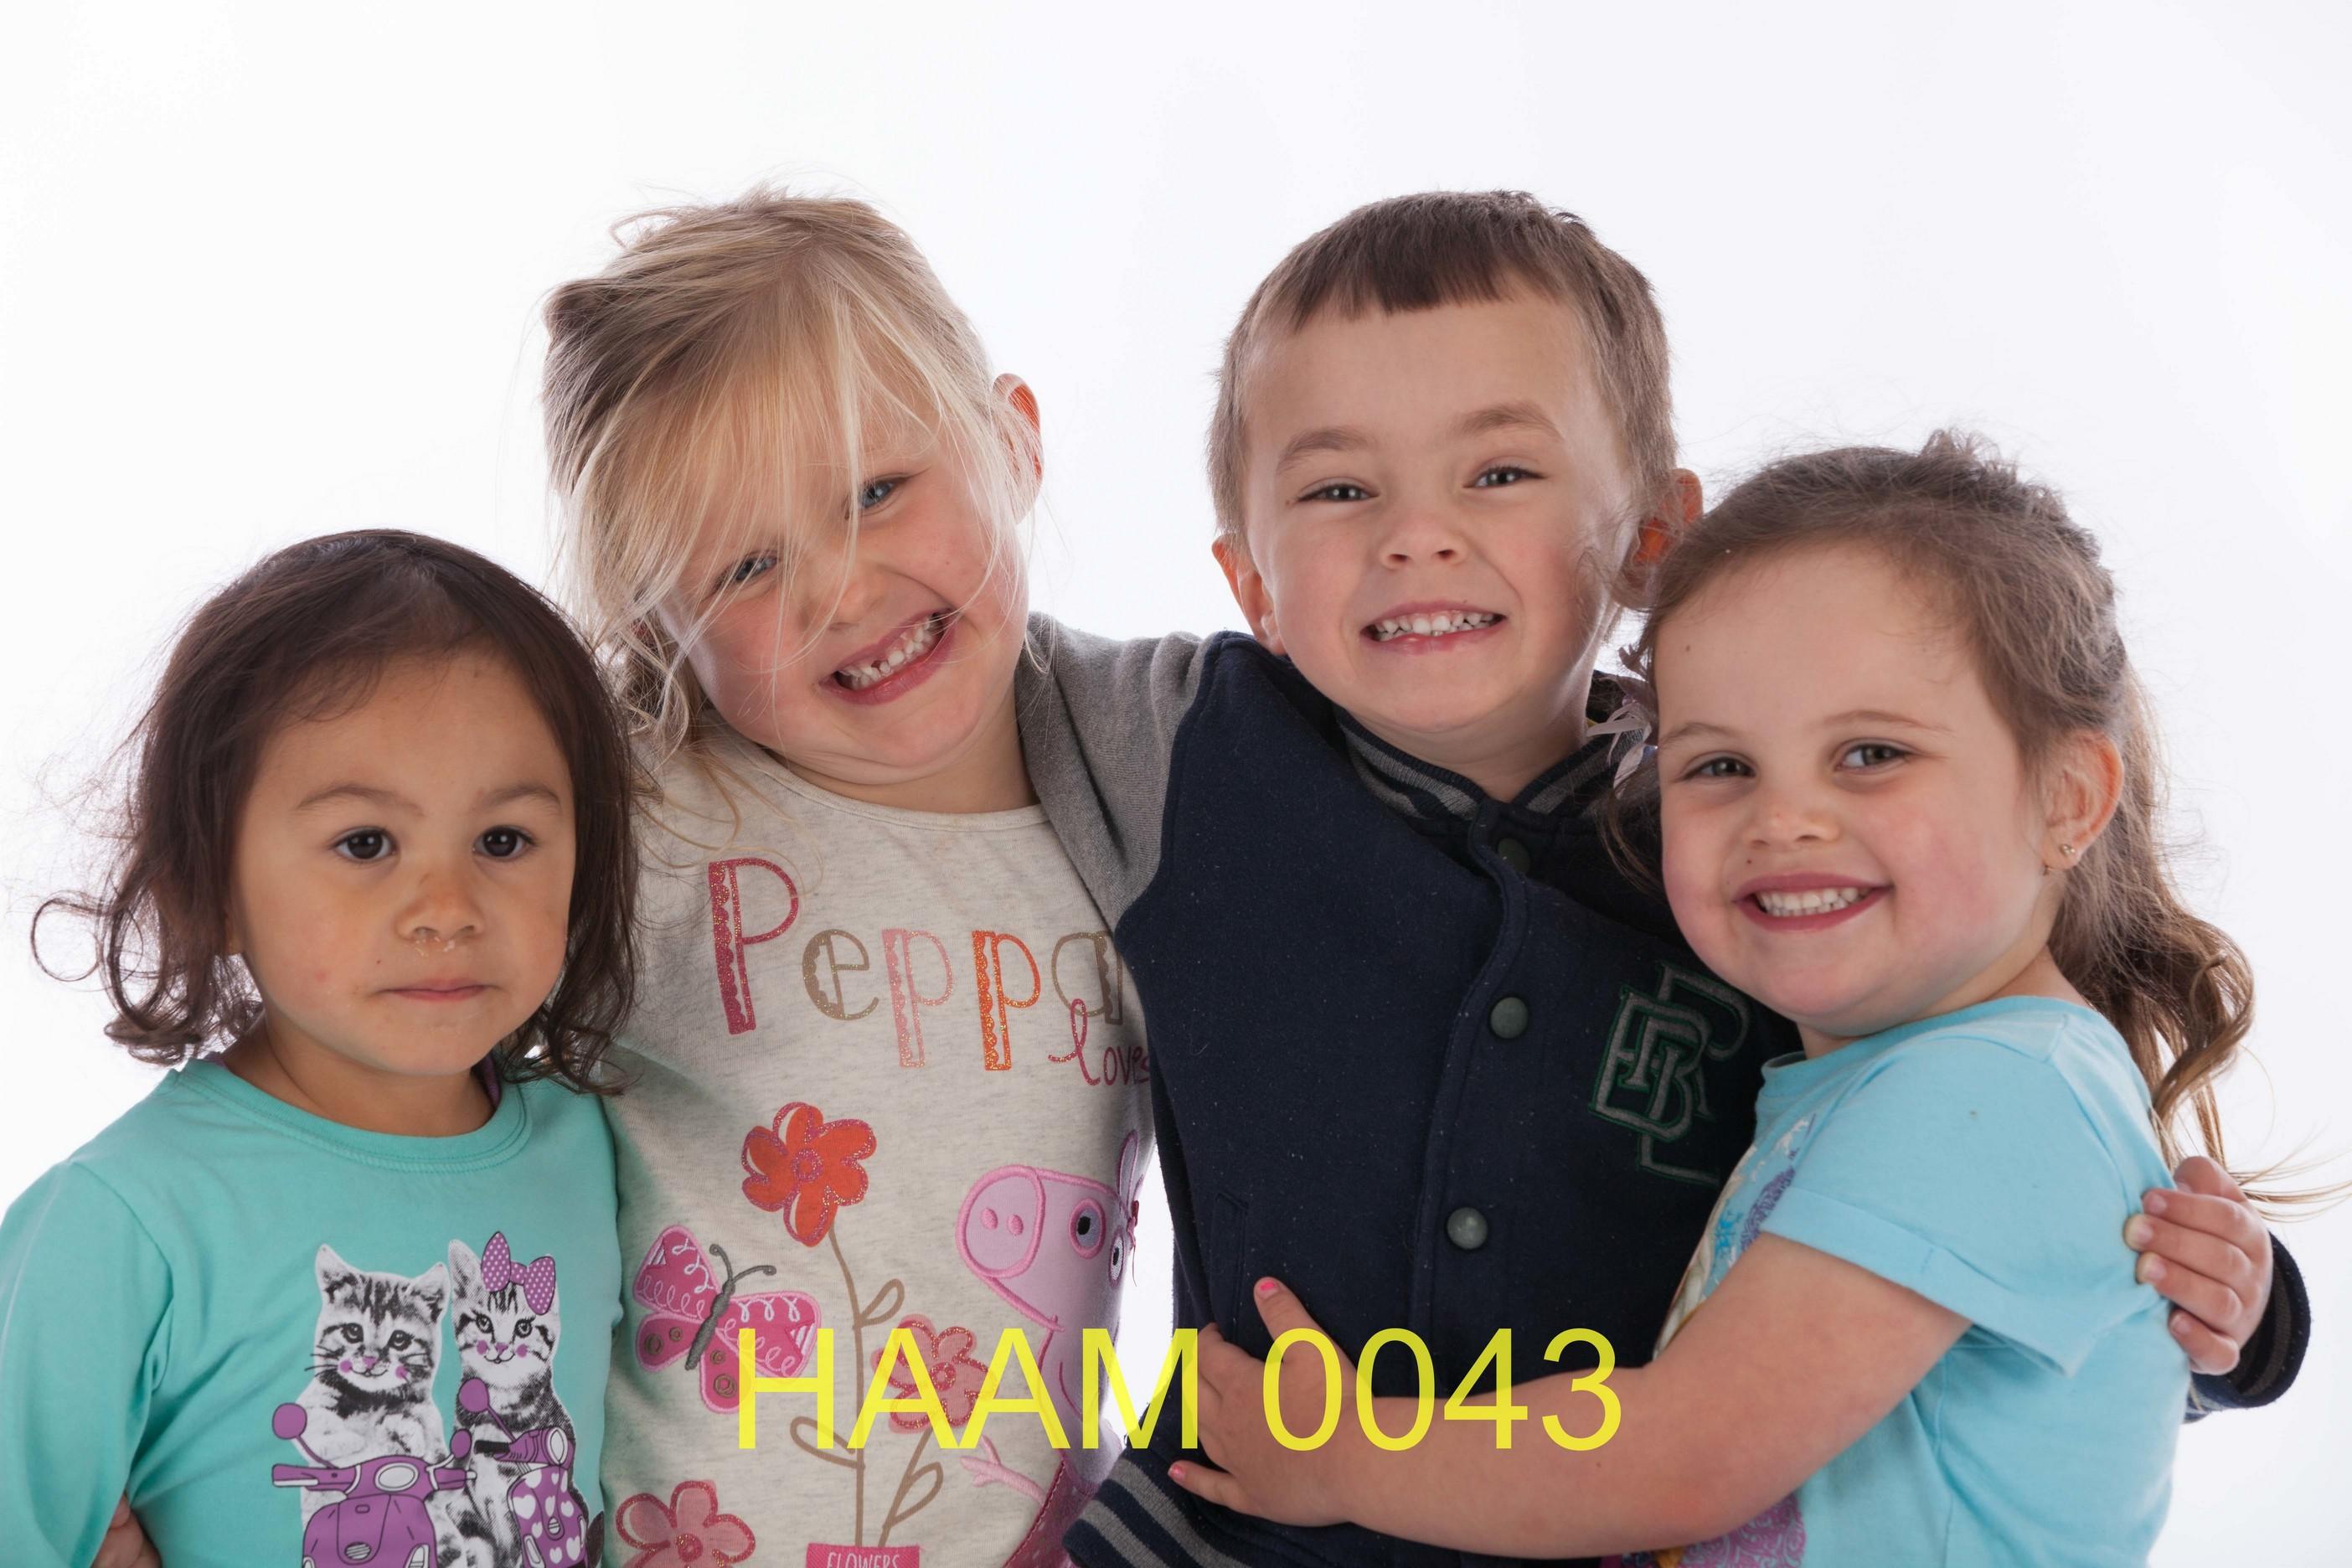 HAAM 0043